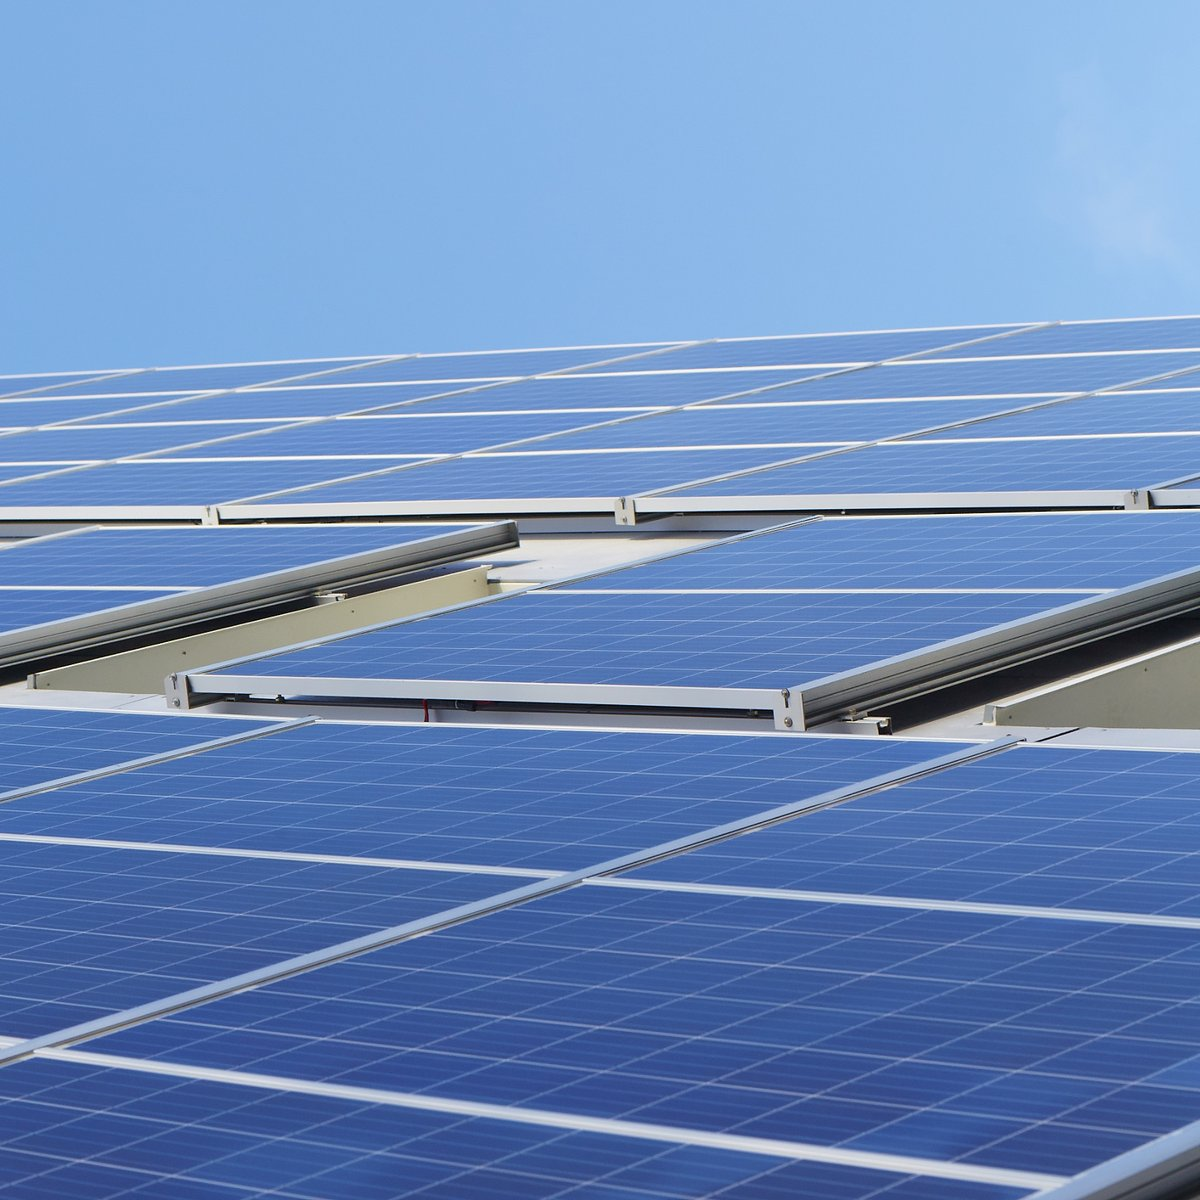 Solklara nyheter! Fyra av våra hus i Gråbo, Göteborg, ska få nytt tak med solpaneler. Solcellerna väntas producera ca 130 000 kWh årligen, vilket motsvarar ungefär 30 procent av områdets totala elförbrukning. https://t.co/hz8szSb5Ll https://t.co/mDnDMlVGCJ